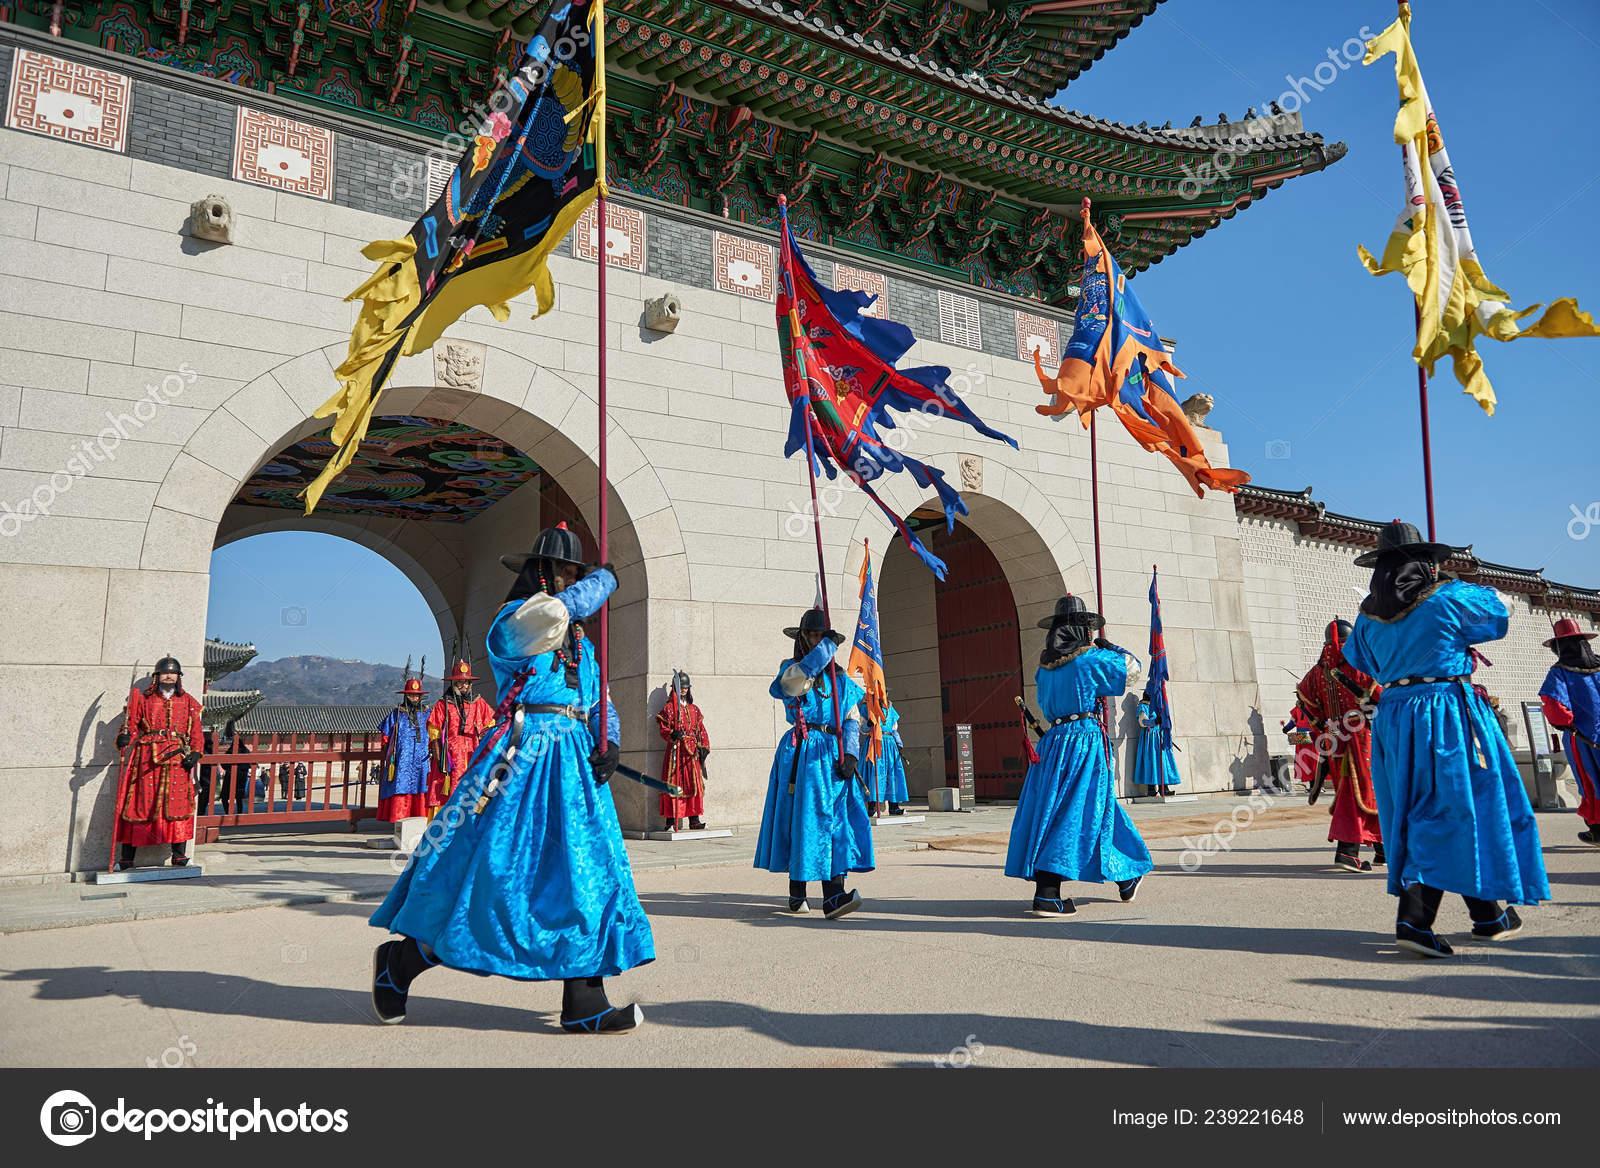 Seoul South Korea January 2019 January 2019 Dressed